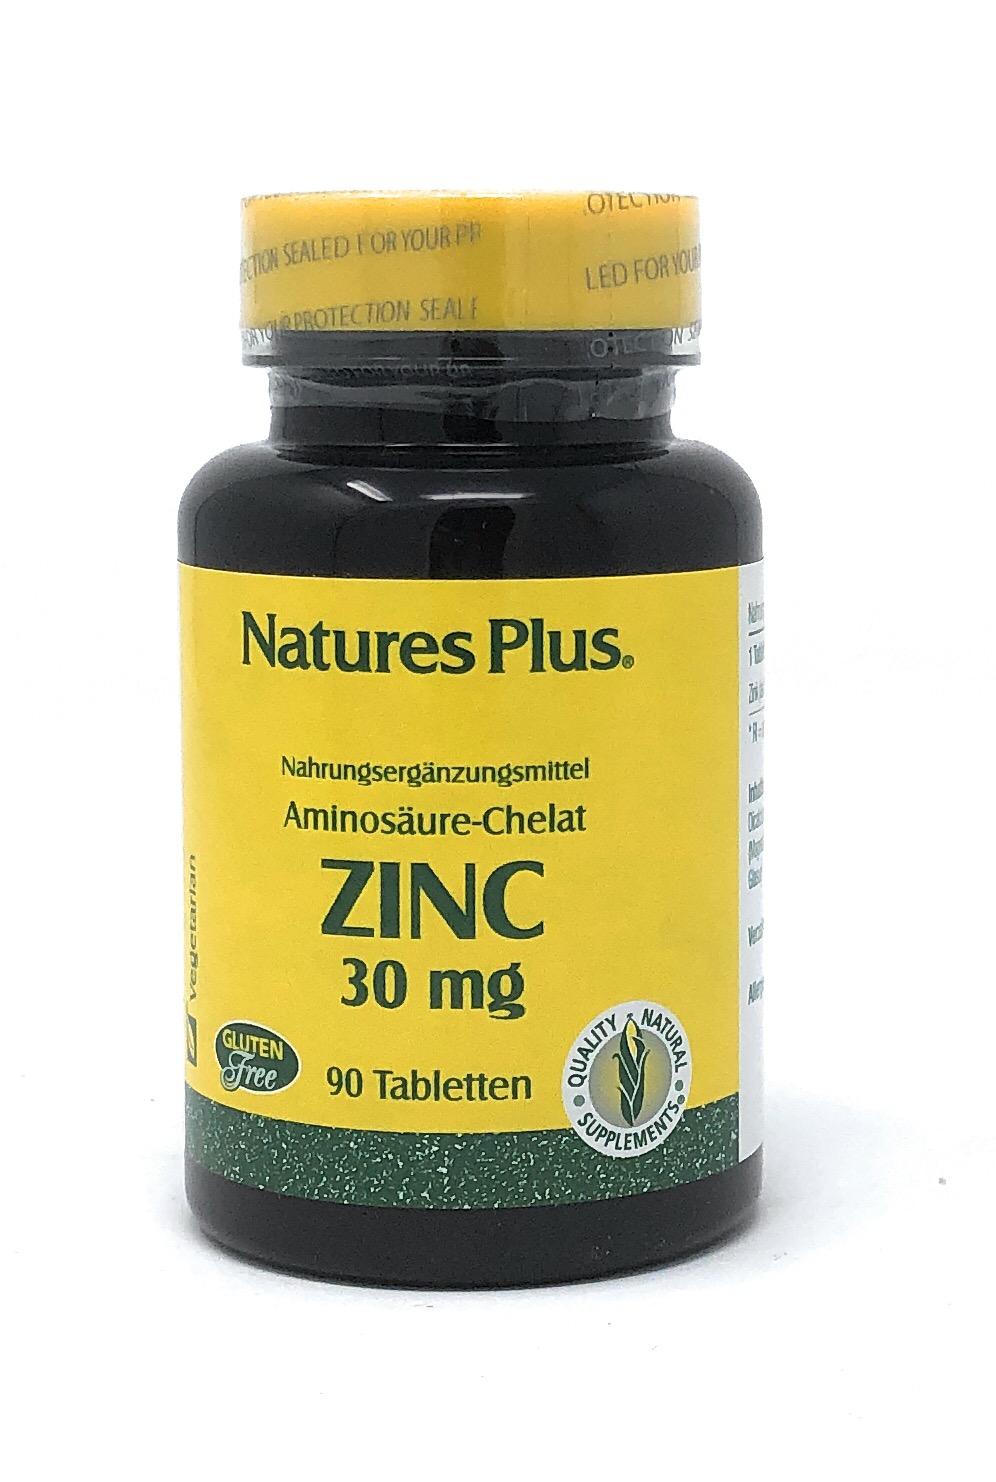 Nature's Plus Zinc 30 mg ( Zink-Soja-Aminosäurechelat) 90 Tabletten (56,5g)